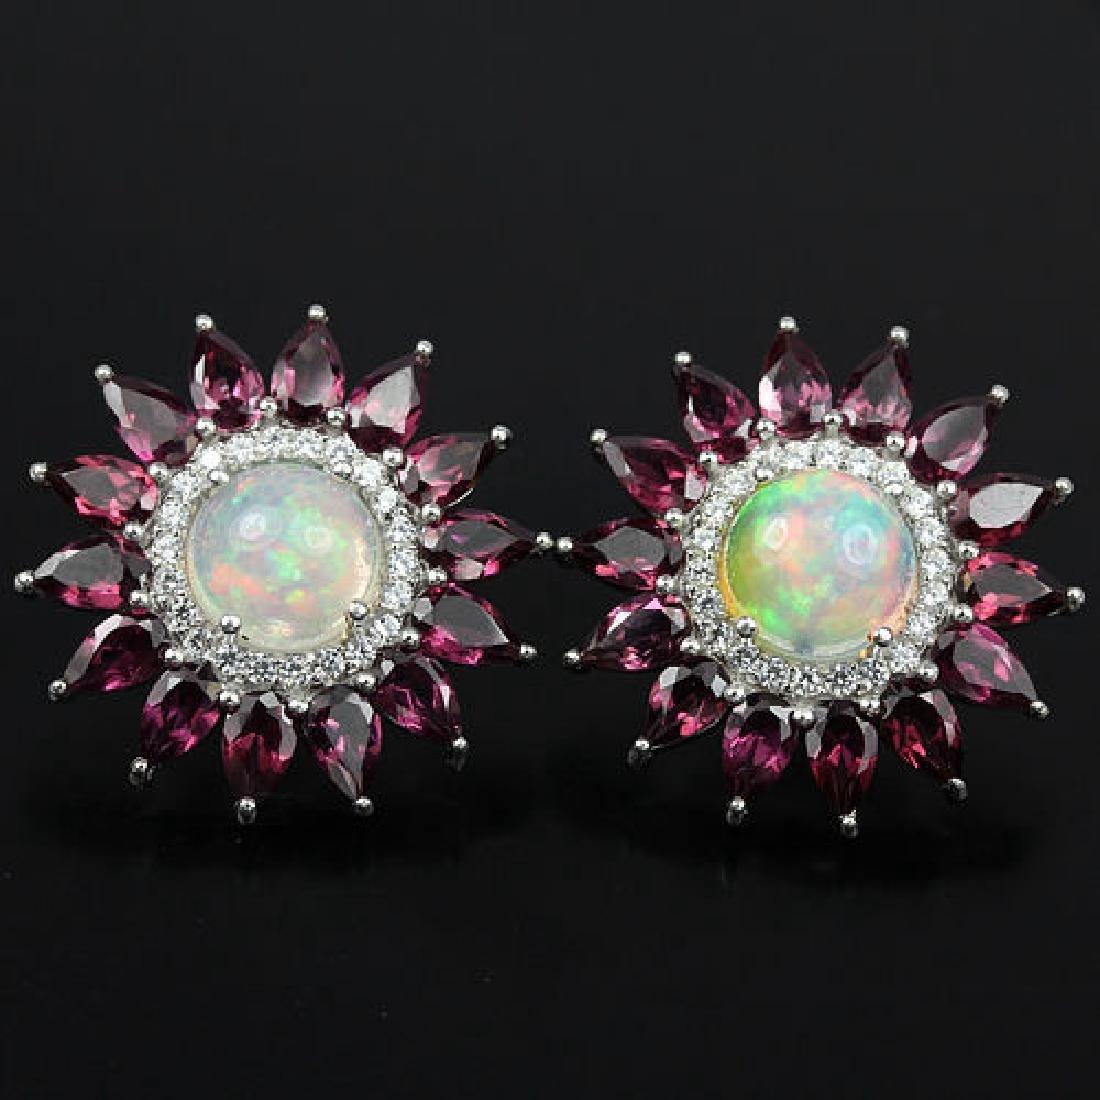 Natural Fire Opal & Rhodolite Garner Earrings